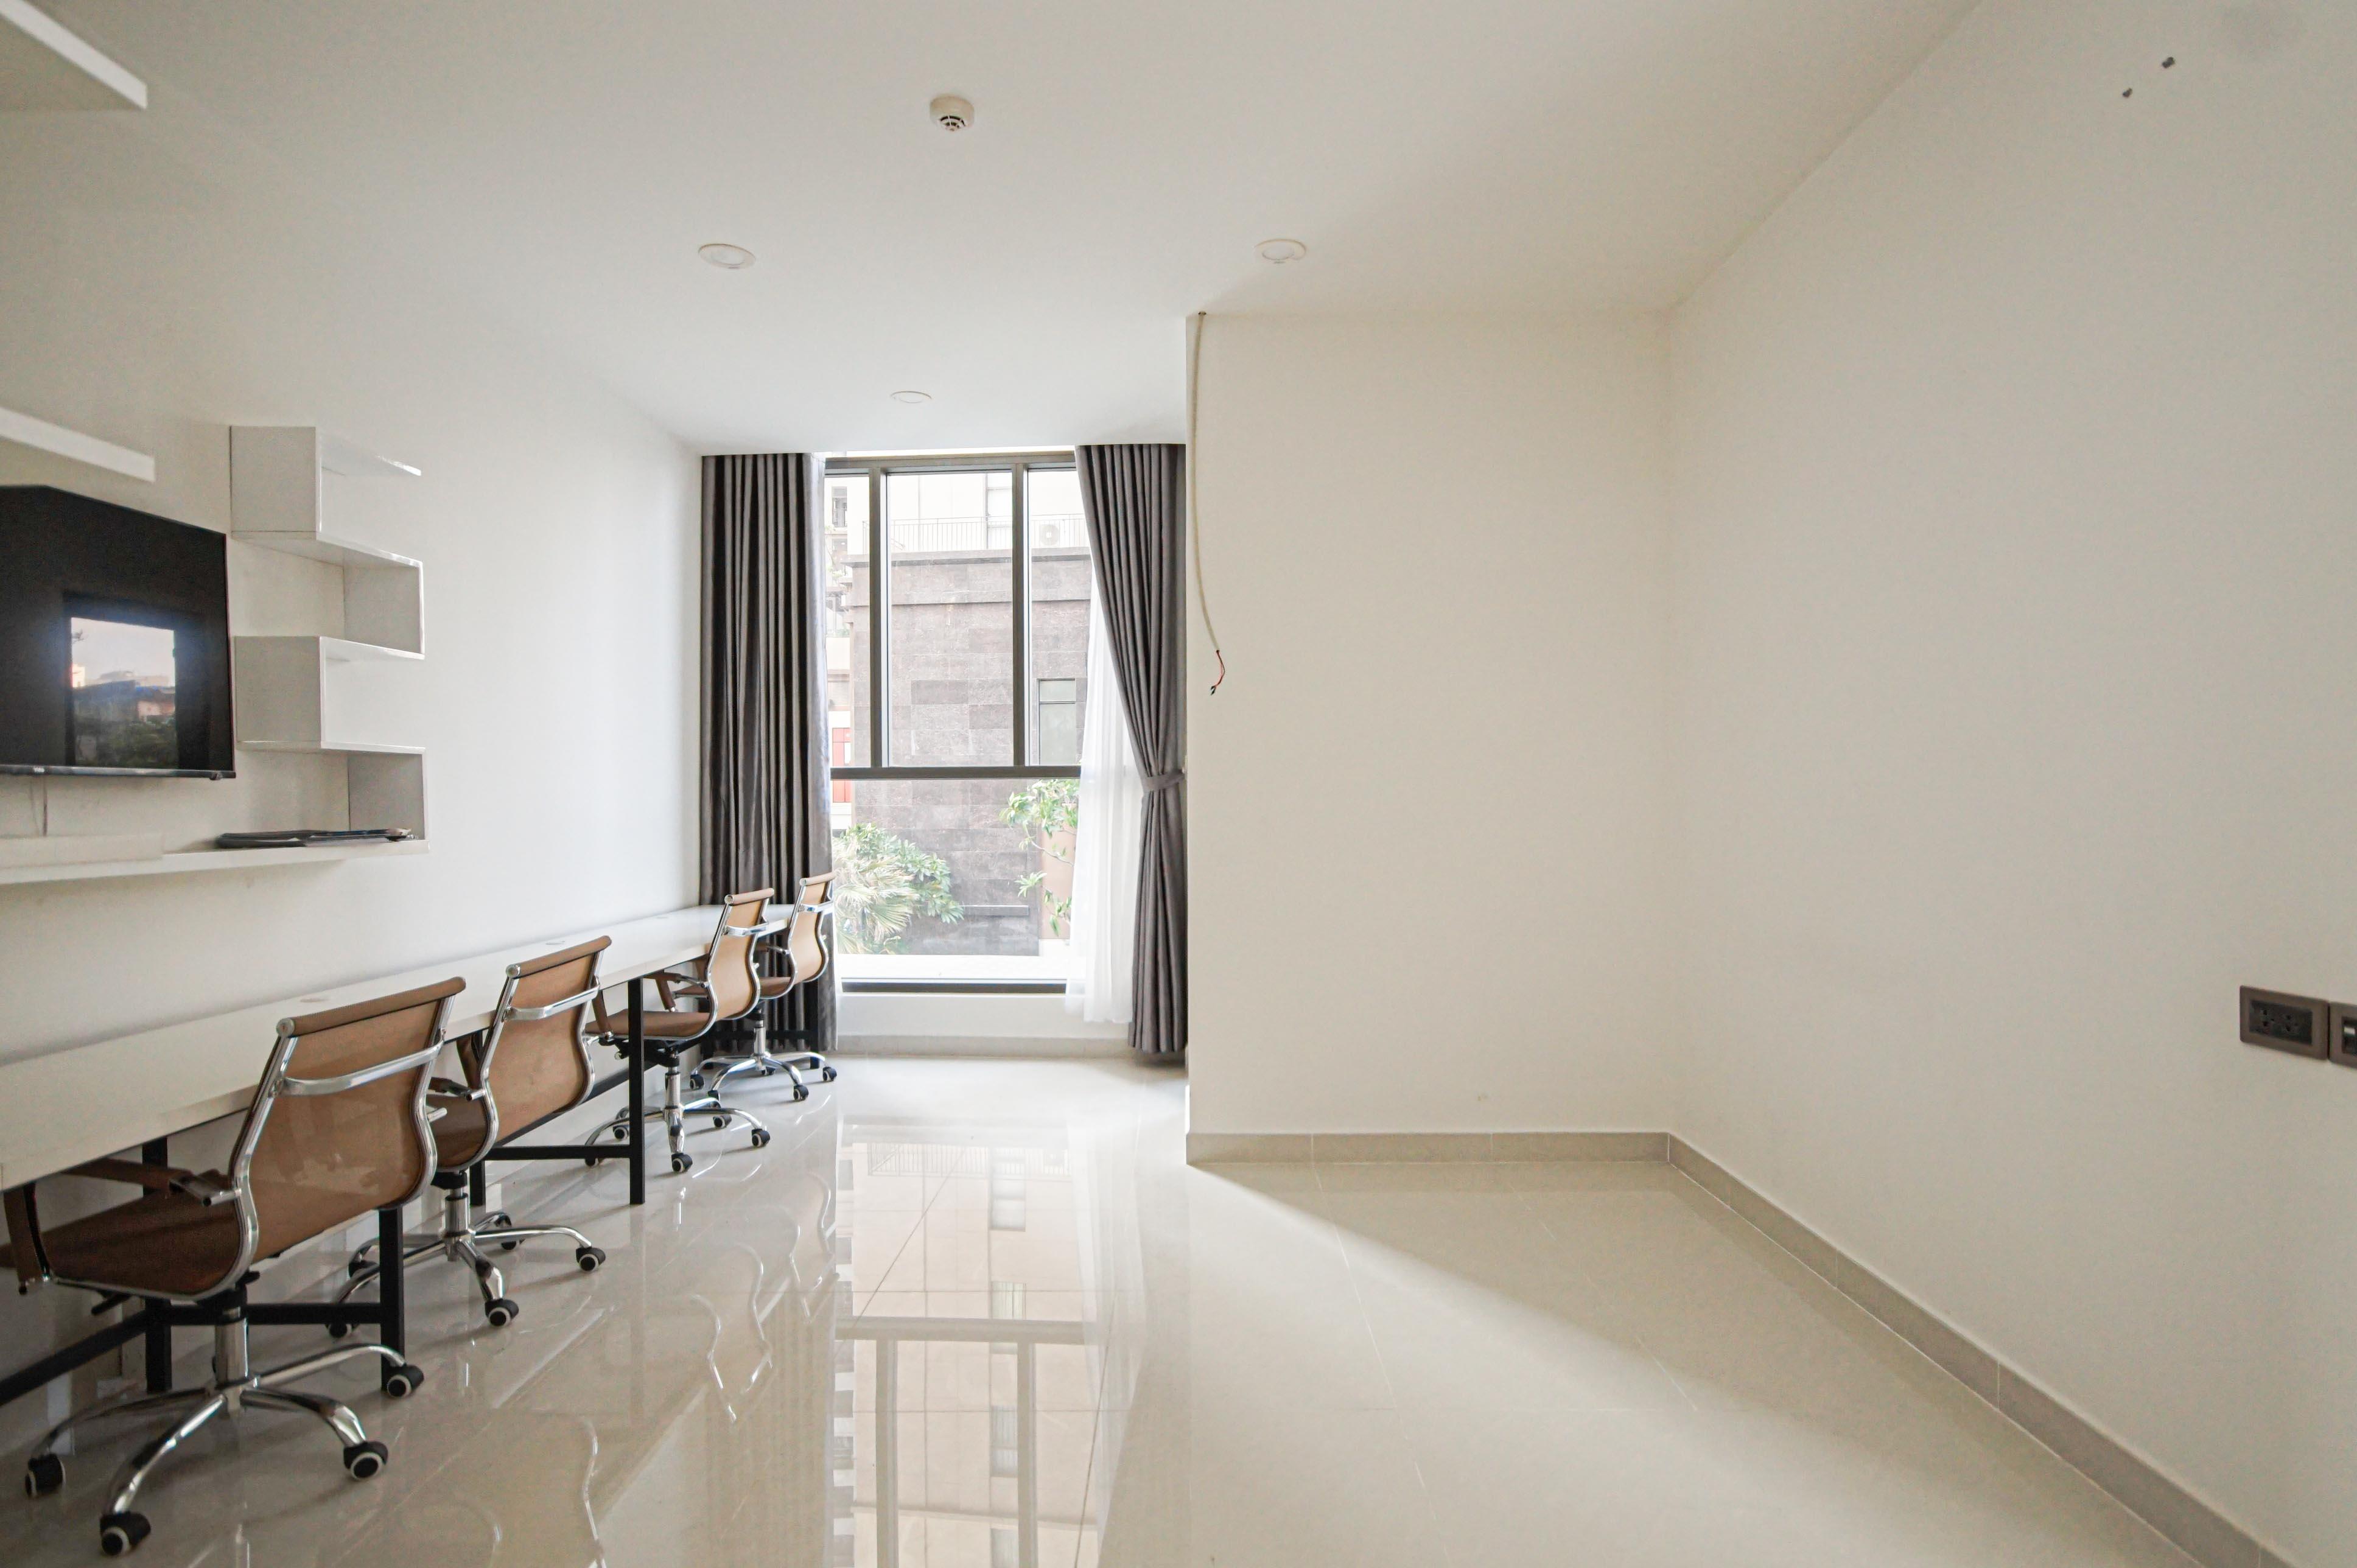 Cho Thuê Căn hộ Office-tel 1 PN Saigon Royal Residence - Nội Thất Cơ Bản & Ấm Cúng-0